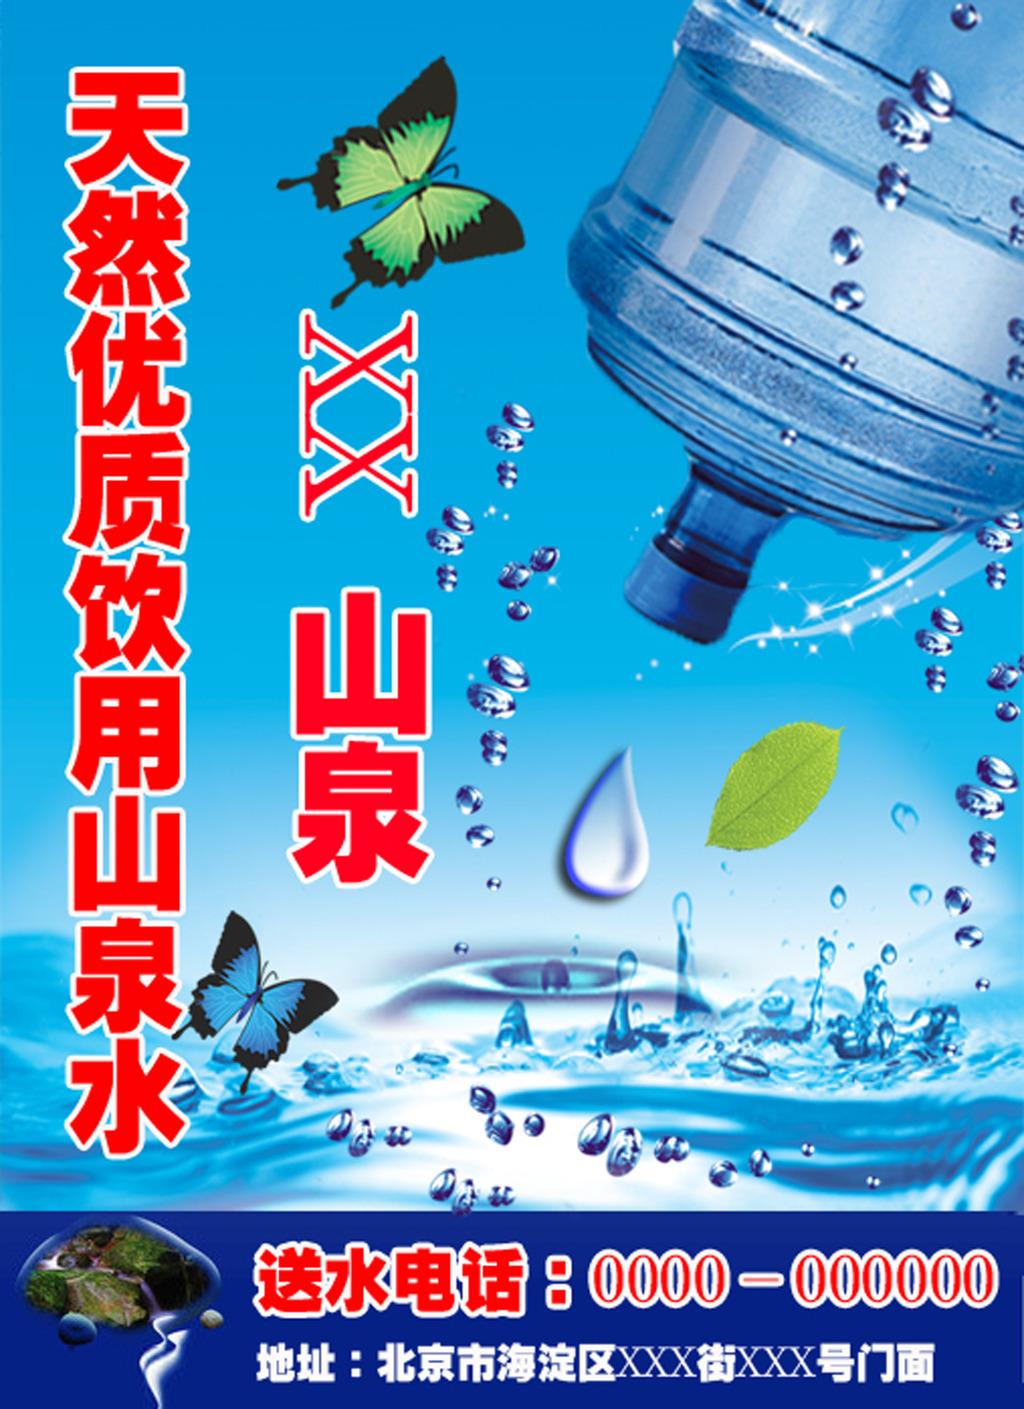 平面设计 海报设计 广告牌设计|模板 > 山泉桶装水小区宣传海报psd